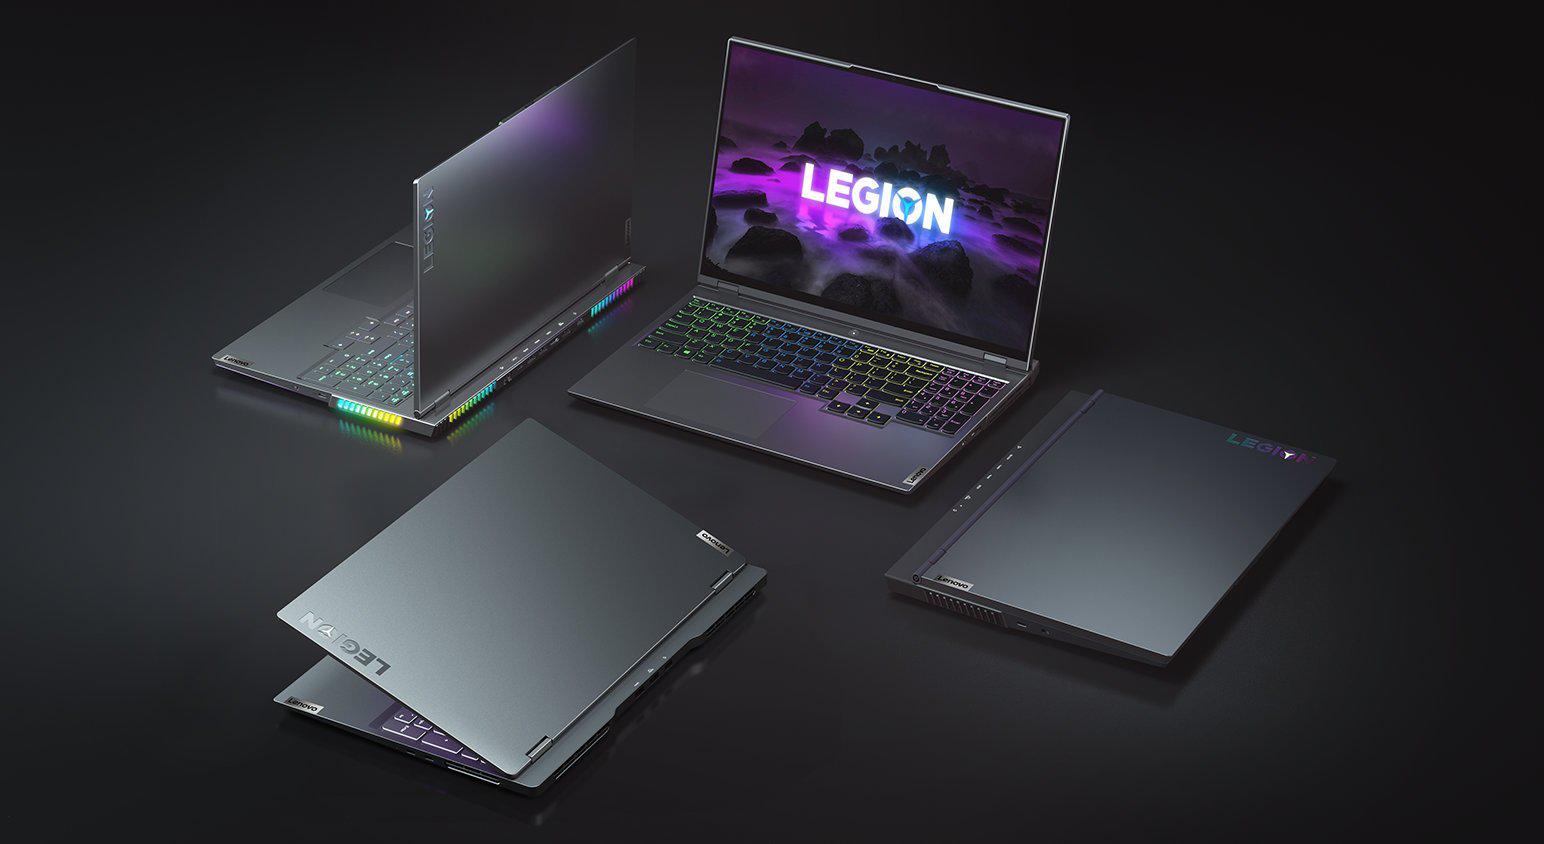 Lenovo Legion 5 Pro : une fiche technique solide avec RTX 3070 pour 1500 euros avec ce code promo